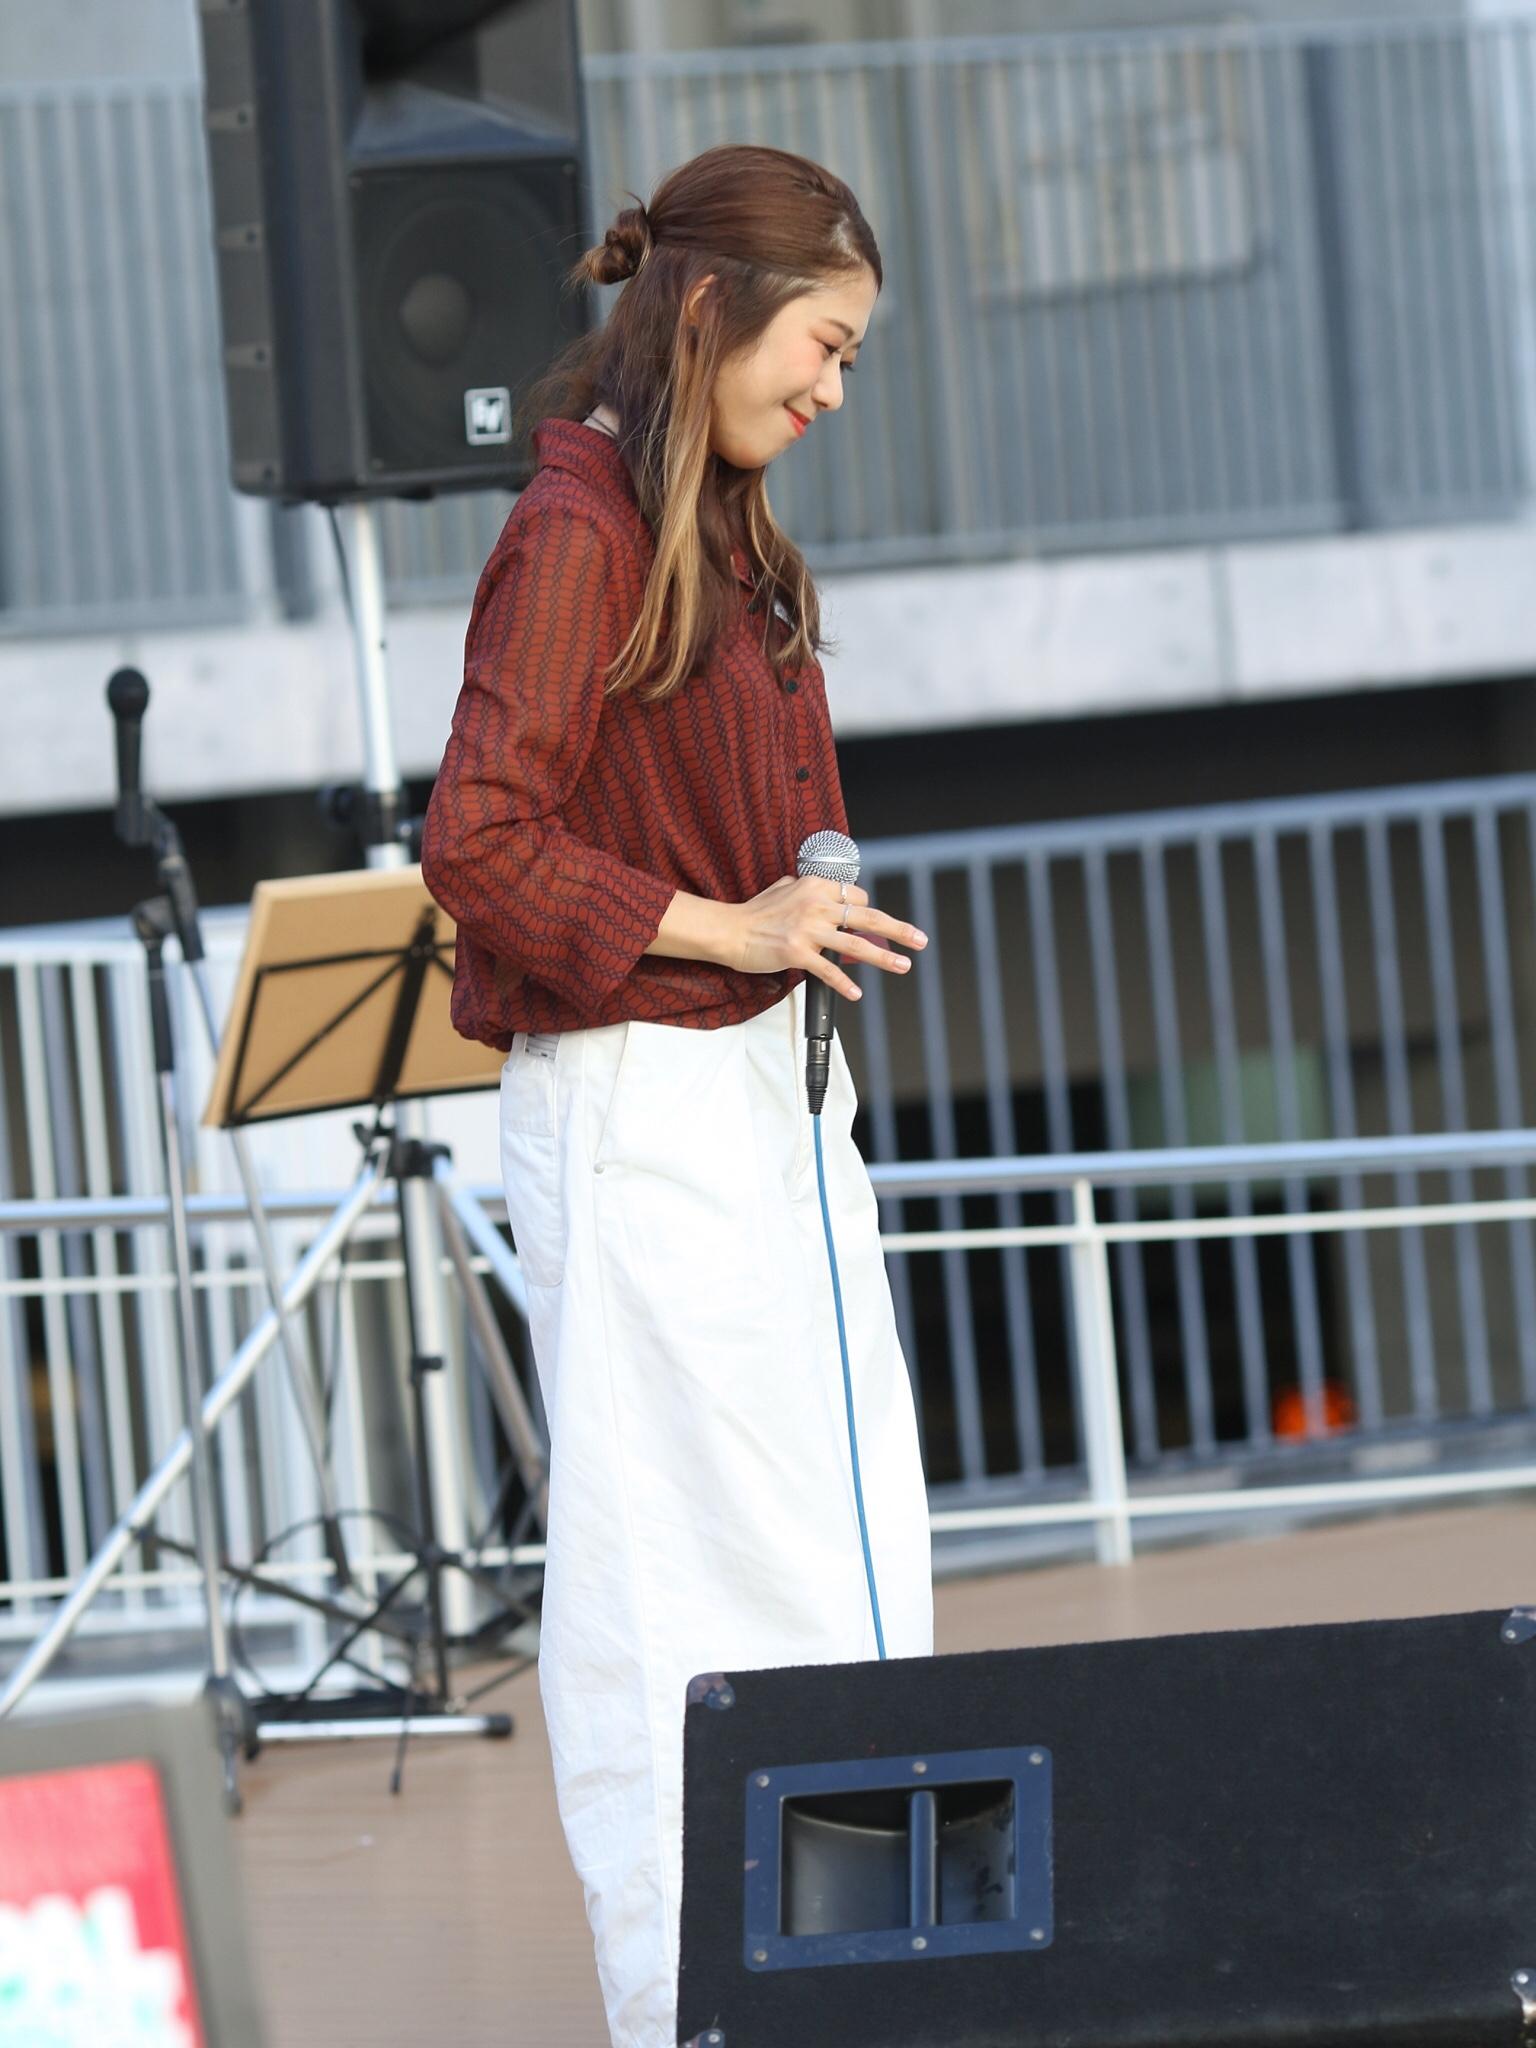 【そろそろ 秋服】シンガーソングライターうたうゆきこのLive photo【ファッション】_3